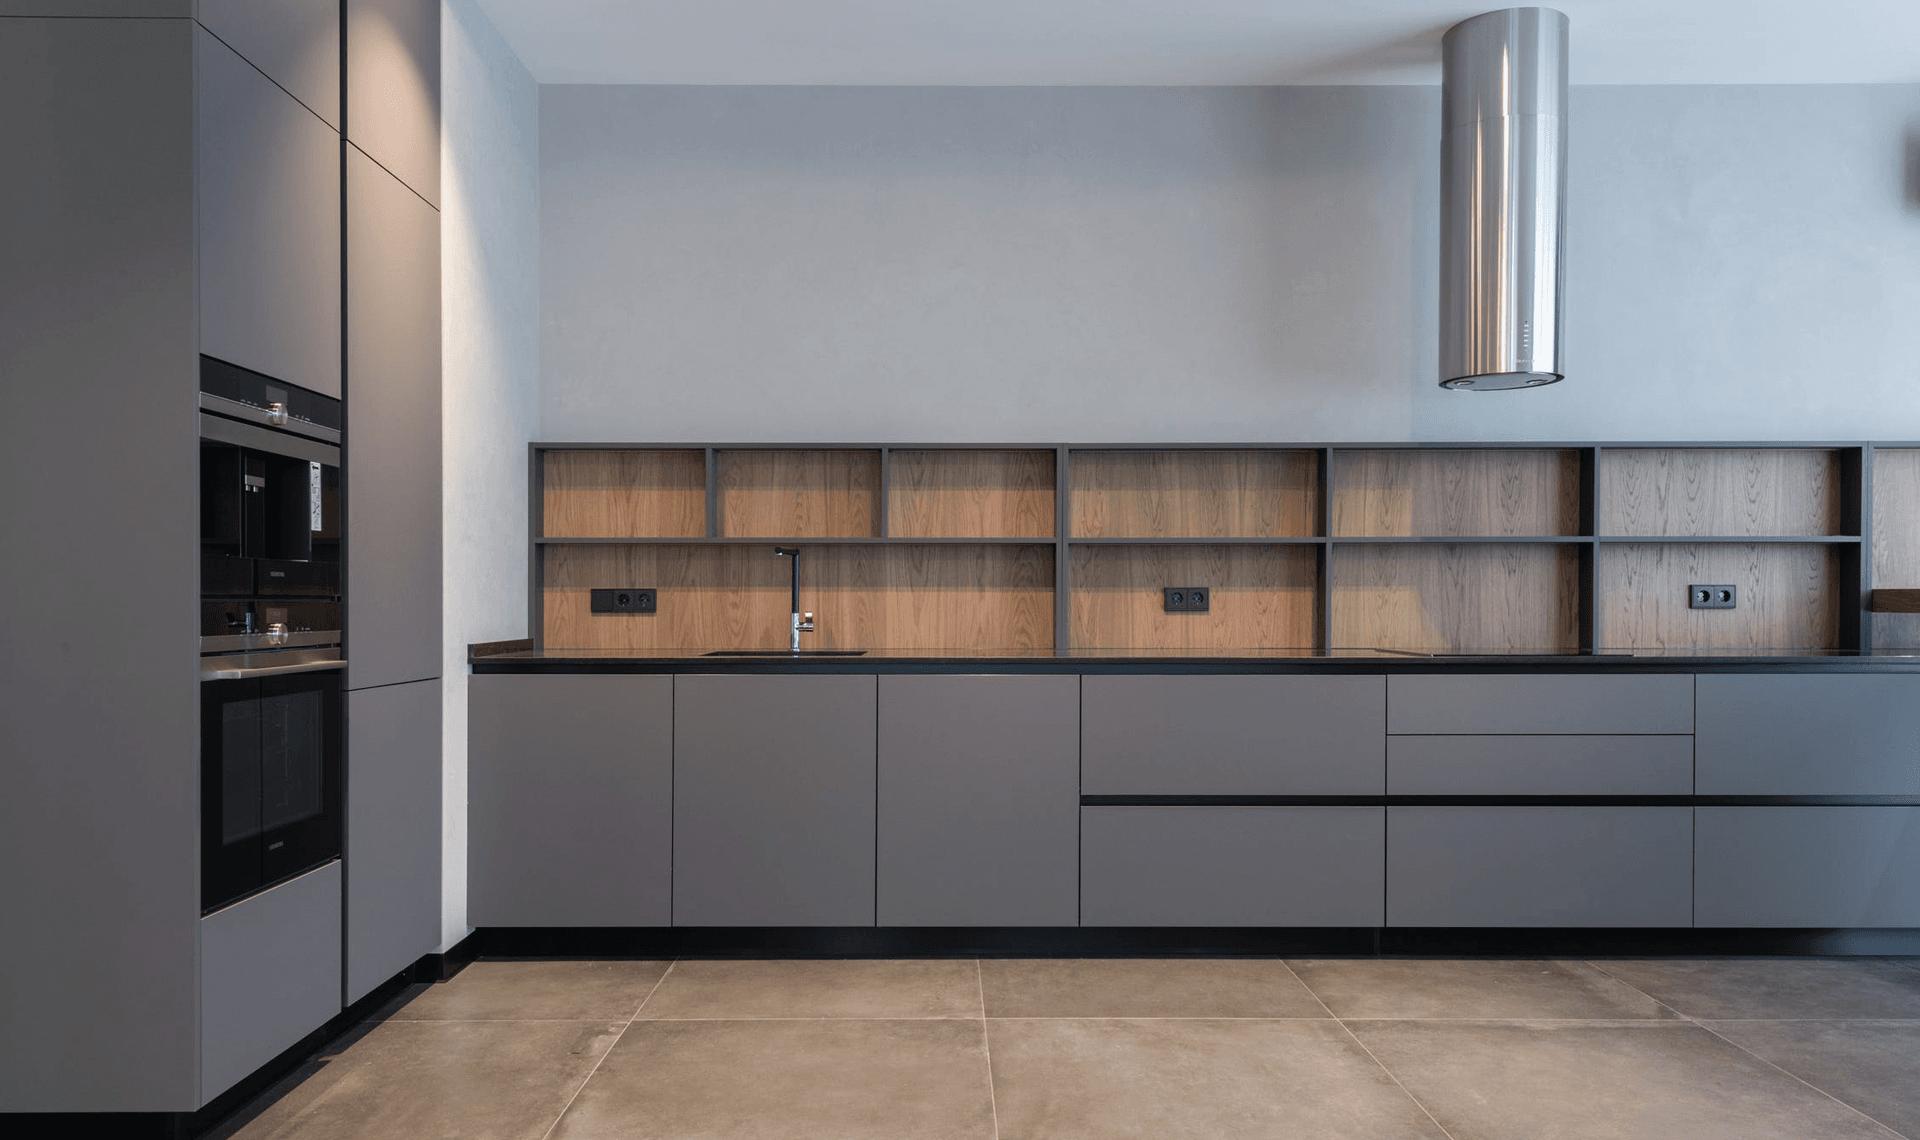 Estilo más minimalista: tu cocina ideal - mado.mx